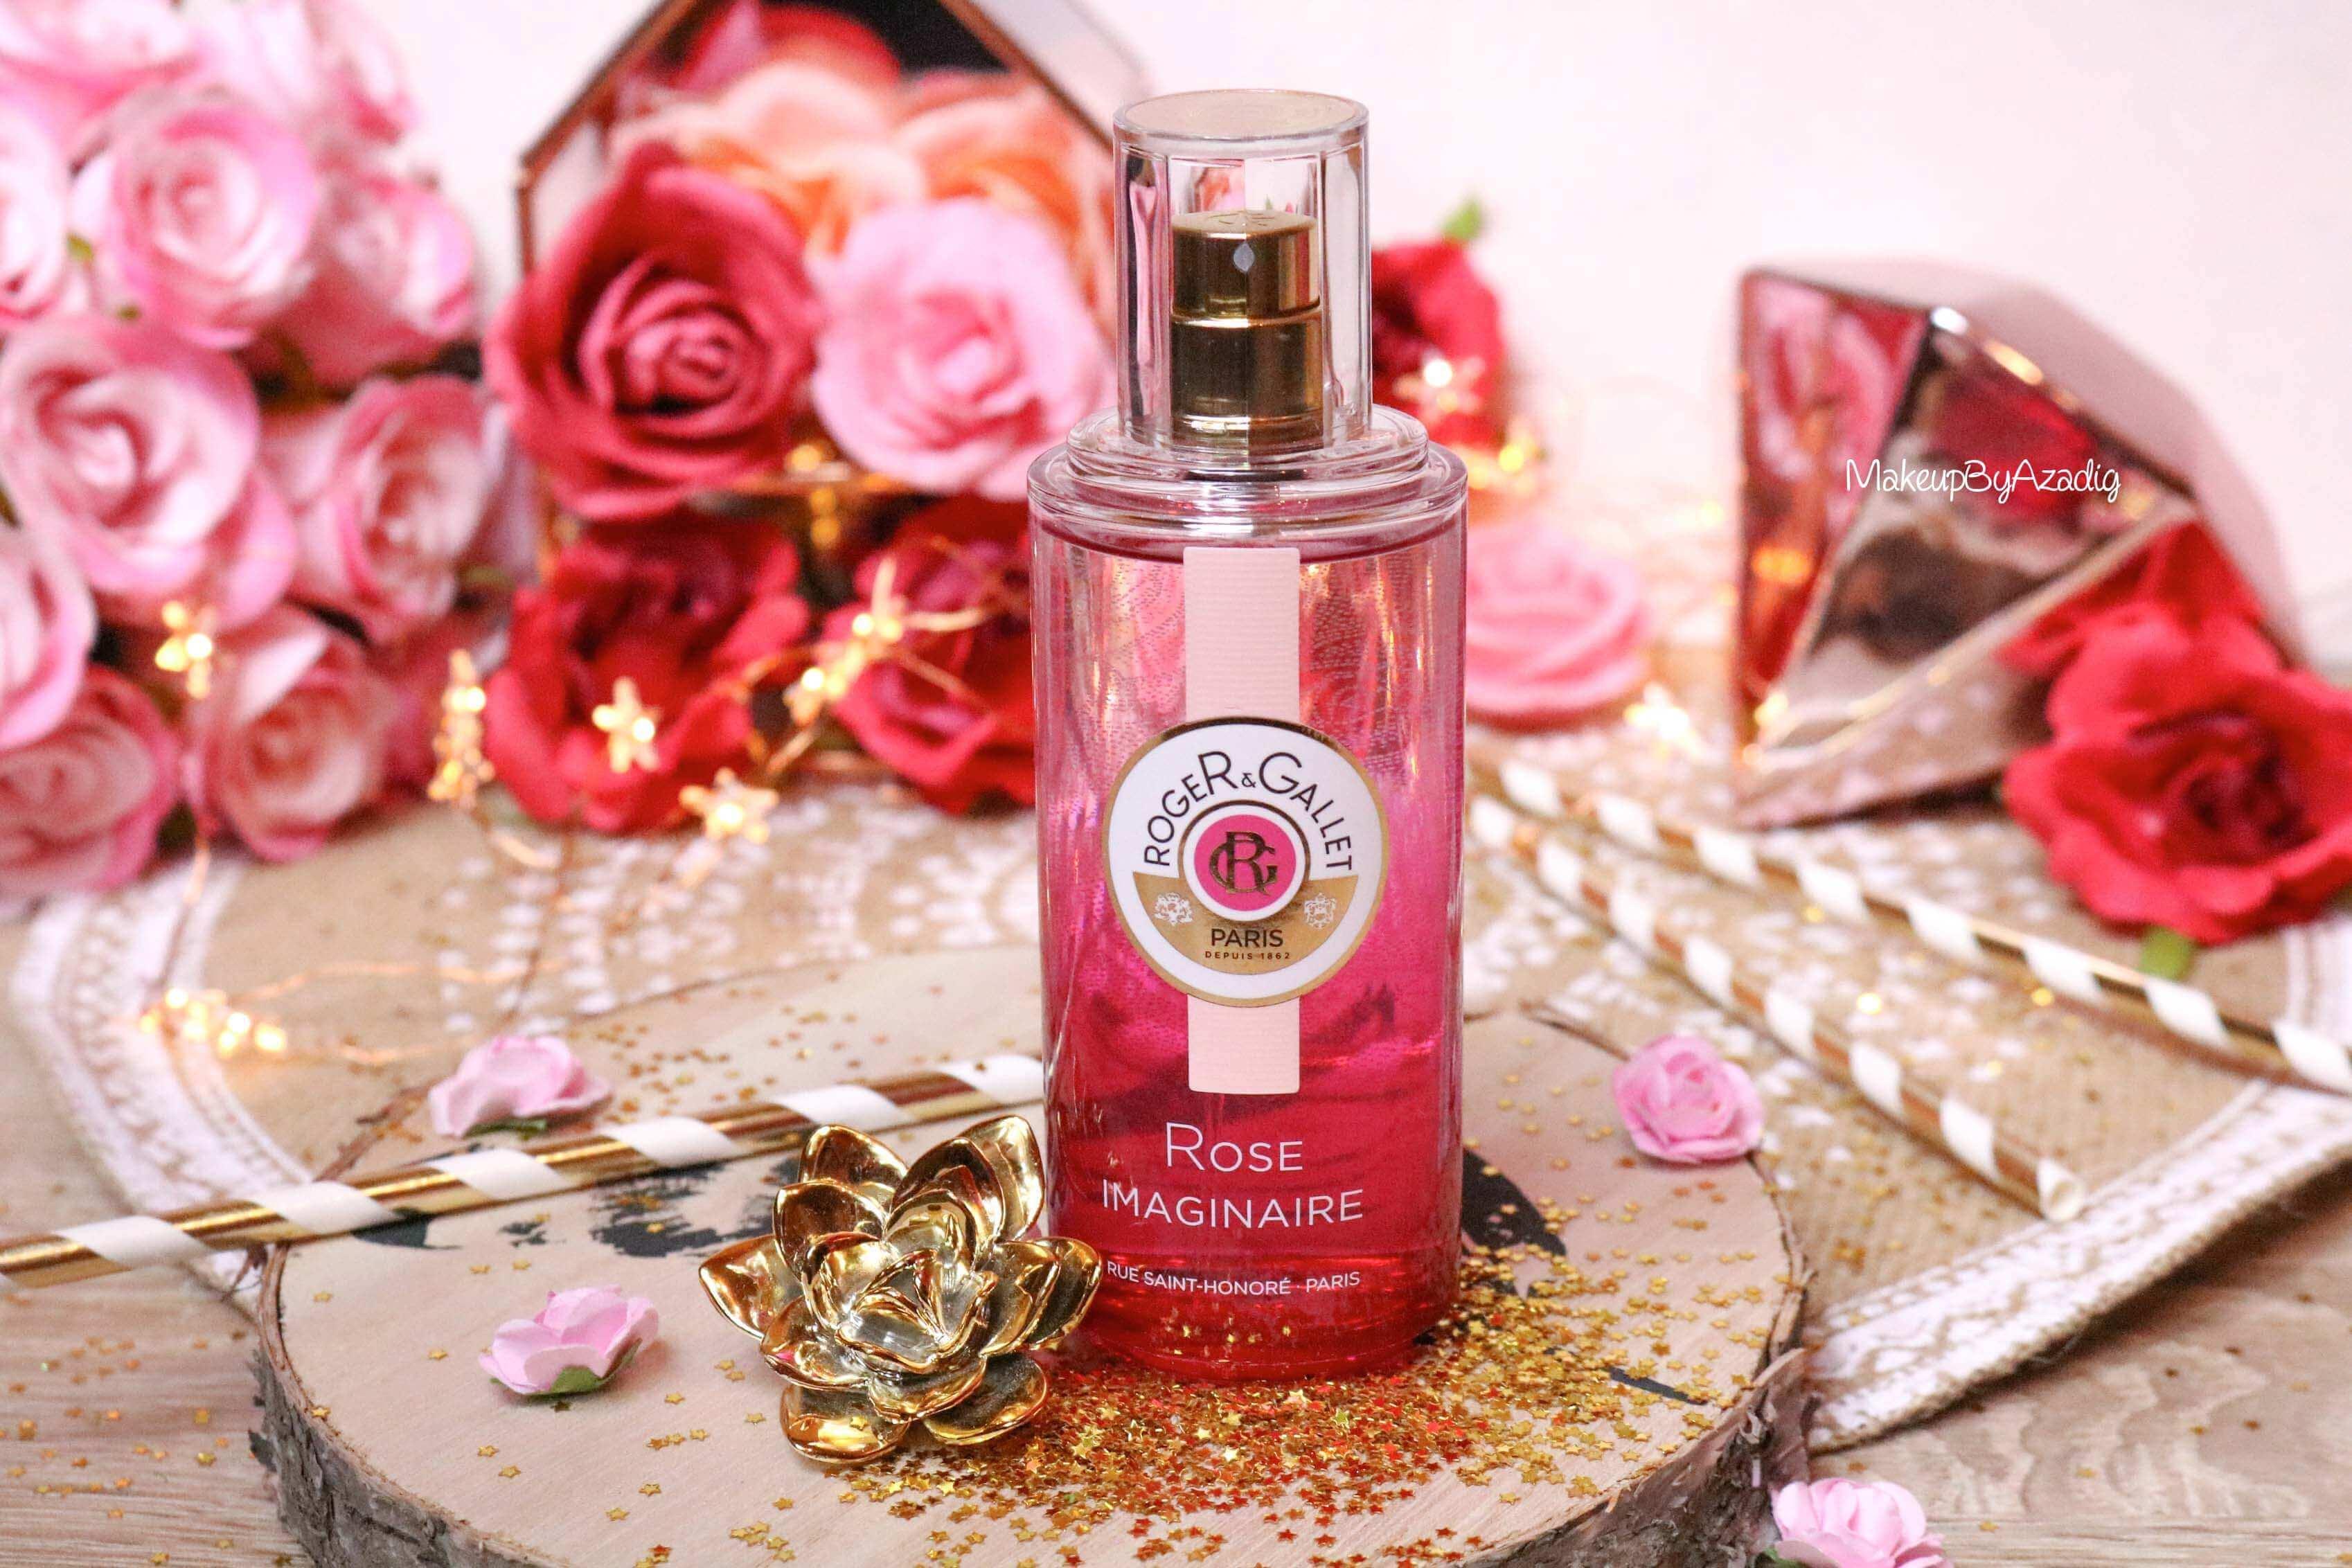 revue-eau-parfumee-bienfaisante-rose-imaginaire-roger-gallet-makeupbyazadig-parfum-bonne-tenue-avis-prix-monoprix-hivency